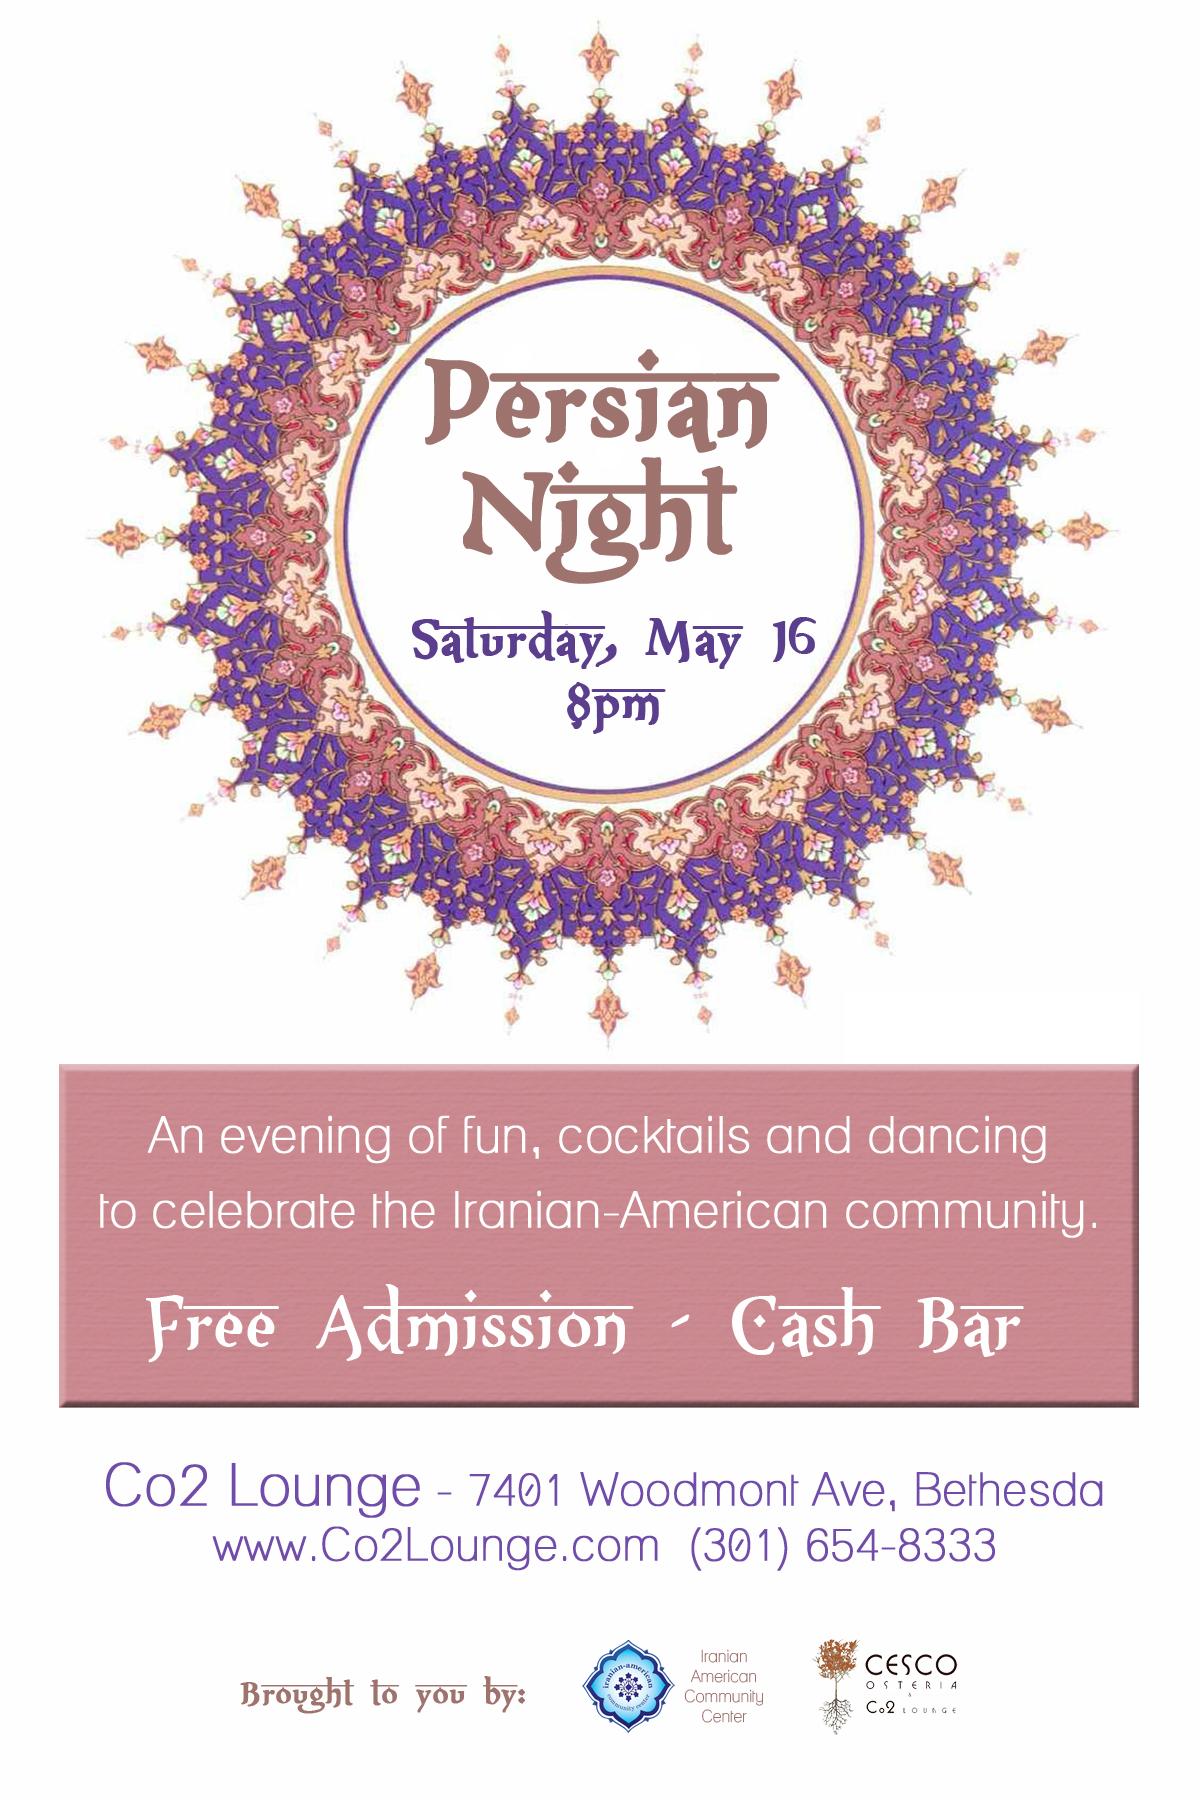 persian_night_May16